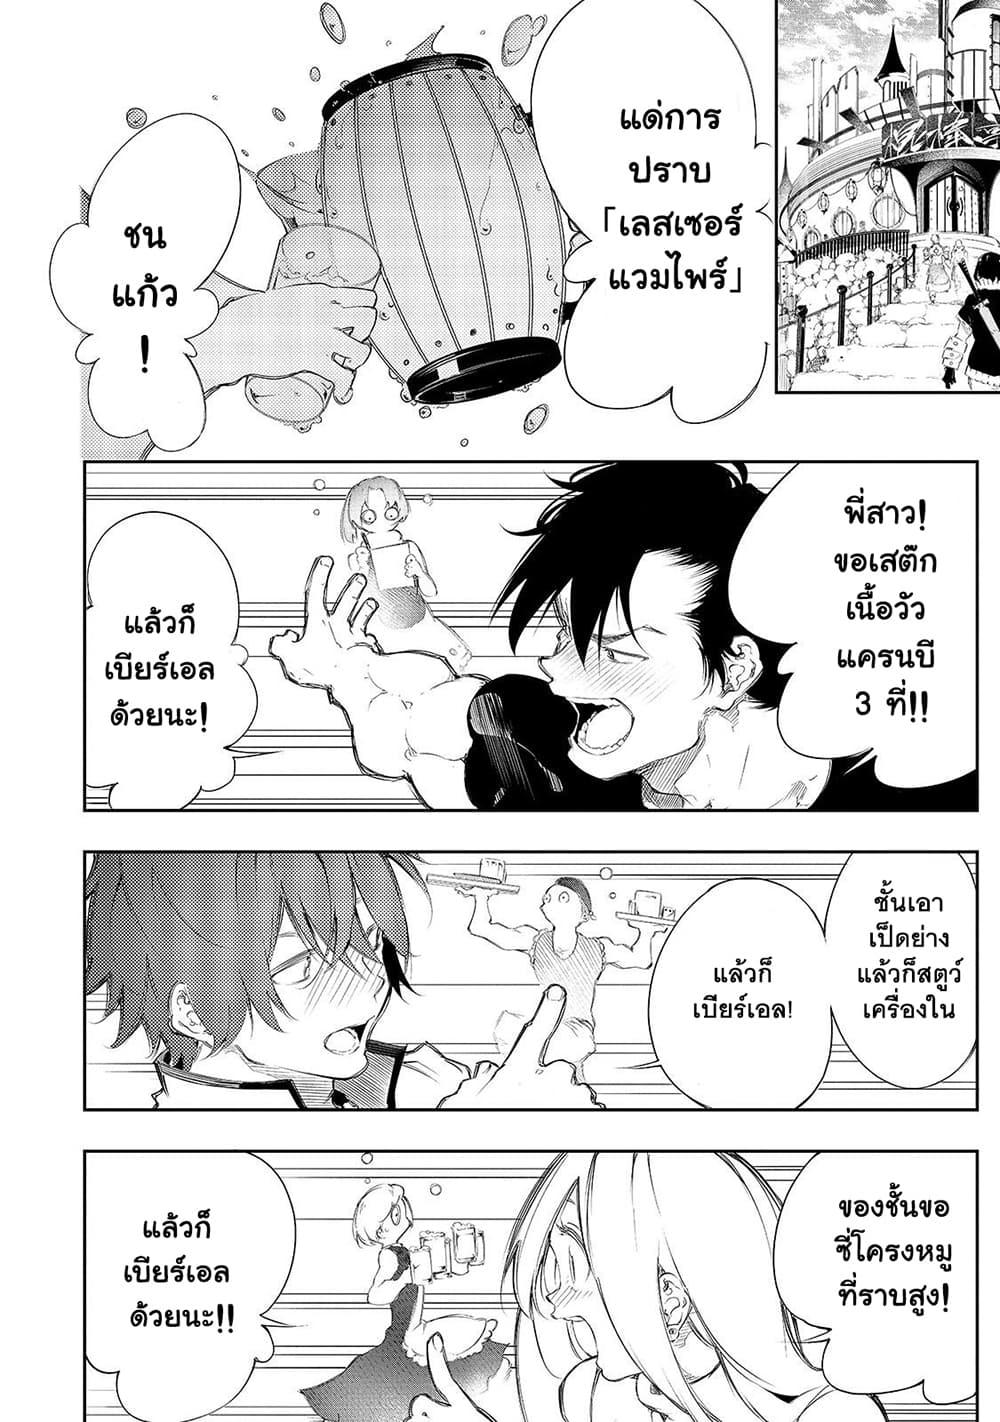 อ่านการ์ตูน Saikyou no Shien-shoku Wajutsushi Dearu Ore wa Sekai Saikyou Kuran o Shitagaeru ตอนที่ 3 หน้าที่ 3